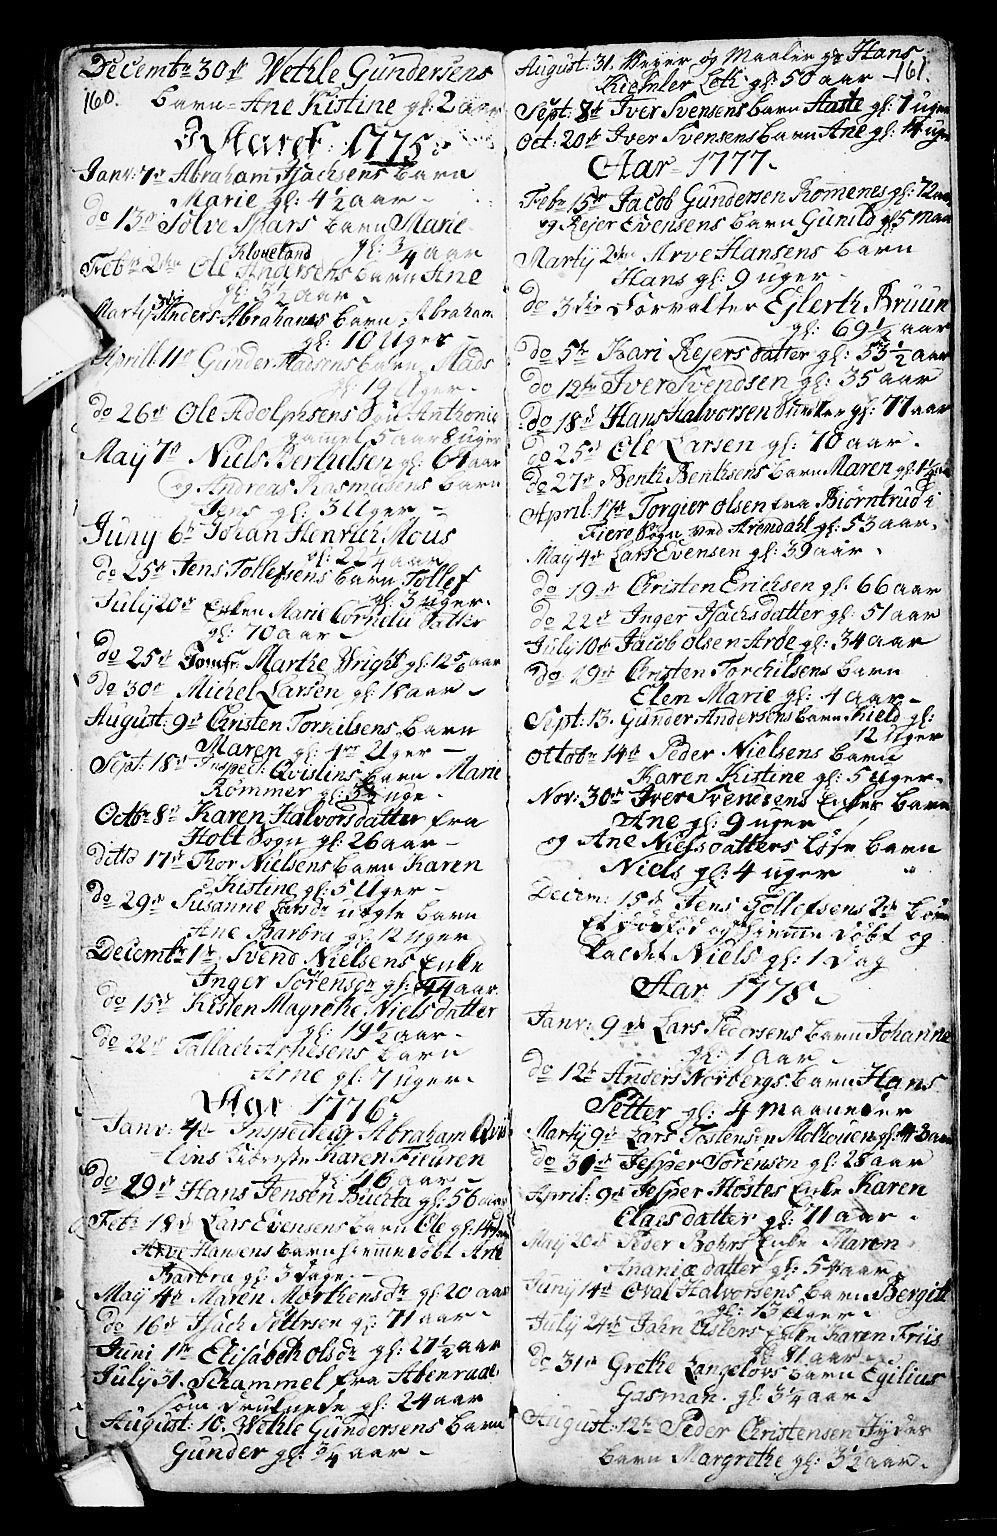 SAKO, Porsgrunn kirkebøker , G/Ga/L0001: Klokkerbok nr. I 1, 1766-1790, s. 160-161